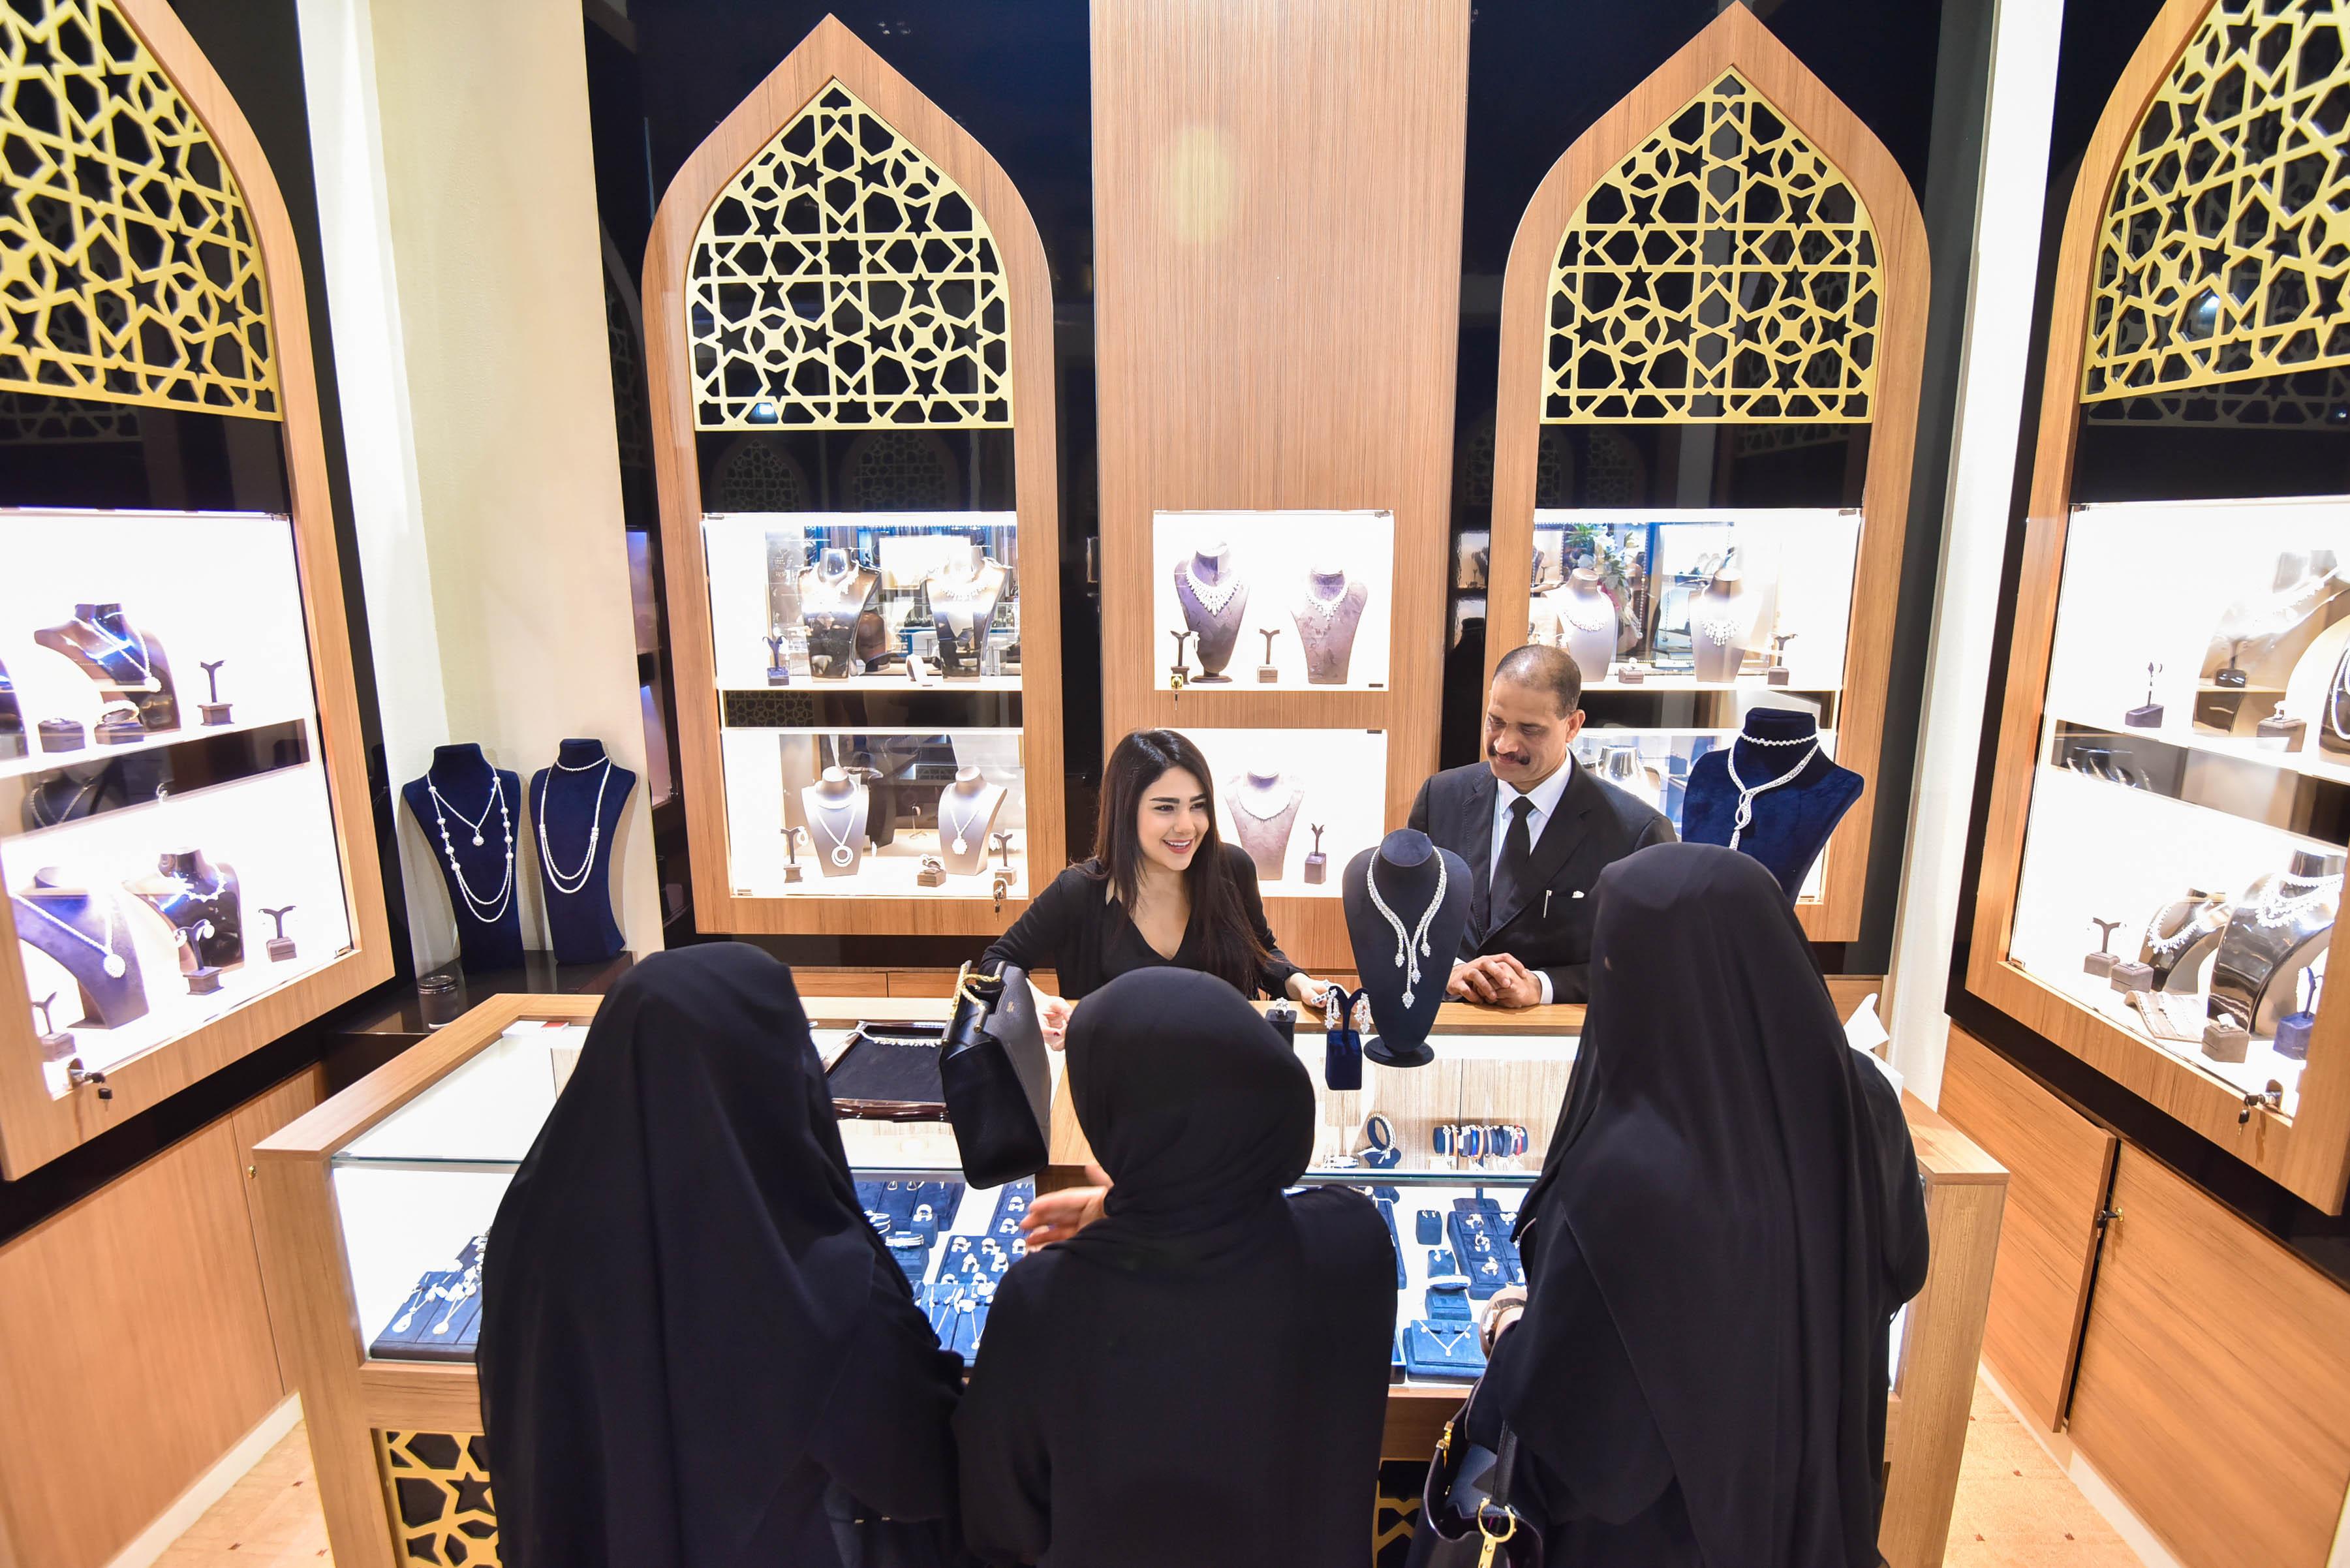 معرض الدوحة للمجوهرات والساعات يعود لعشاق الفخامة والأناقة من 24-29 فبراير 2020